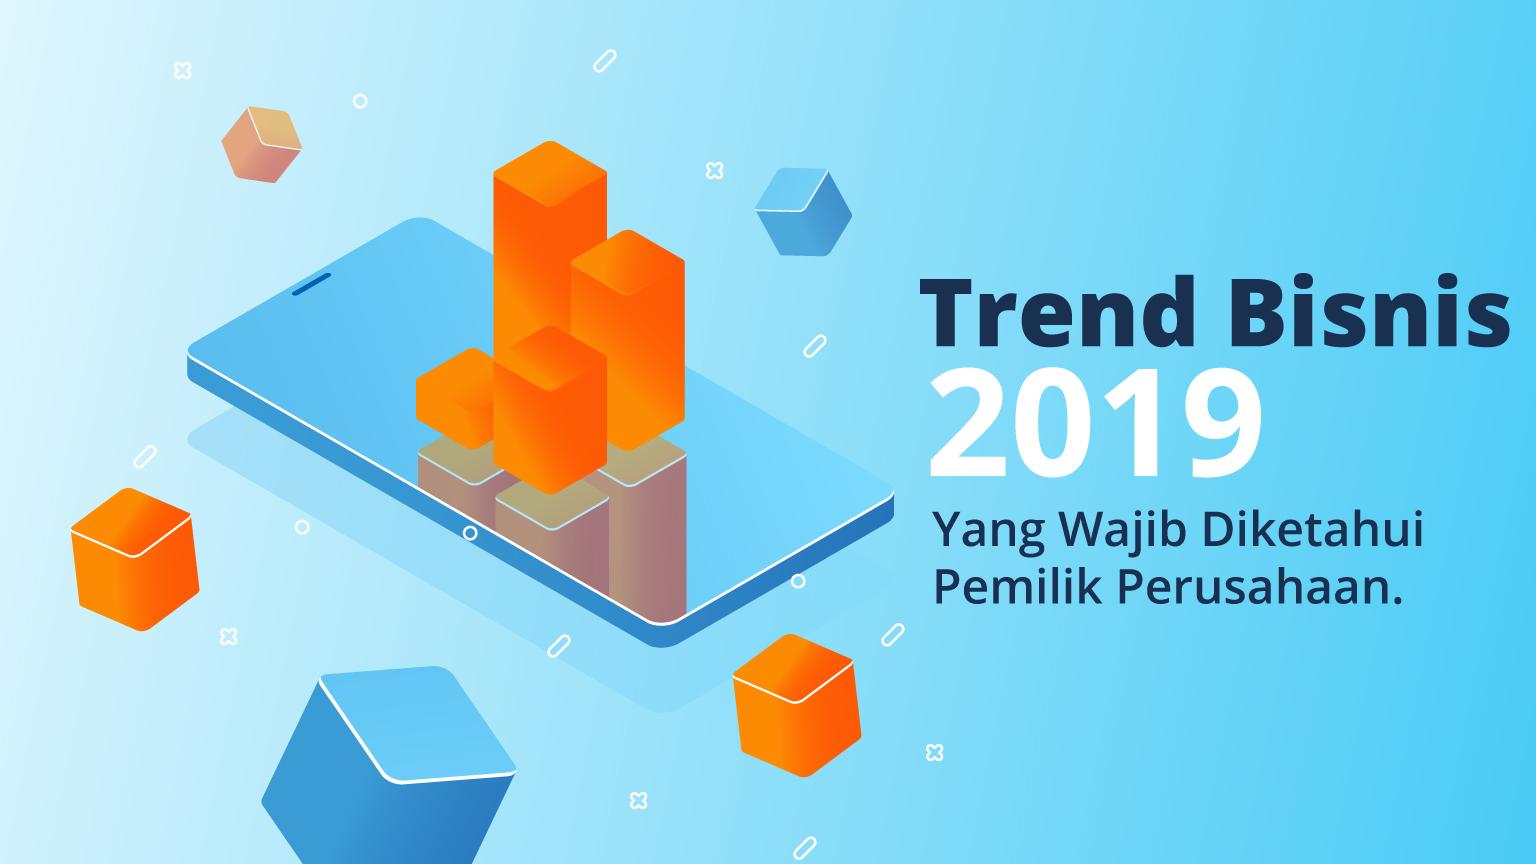 Trend Bisnis 2019